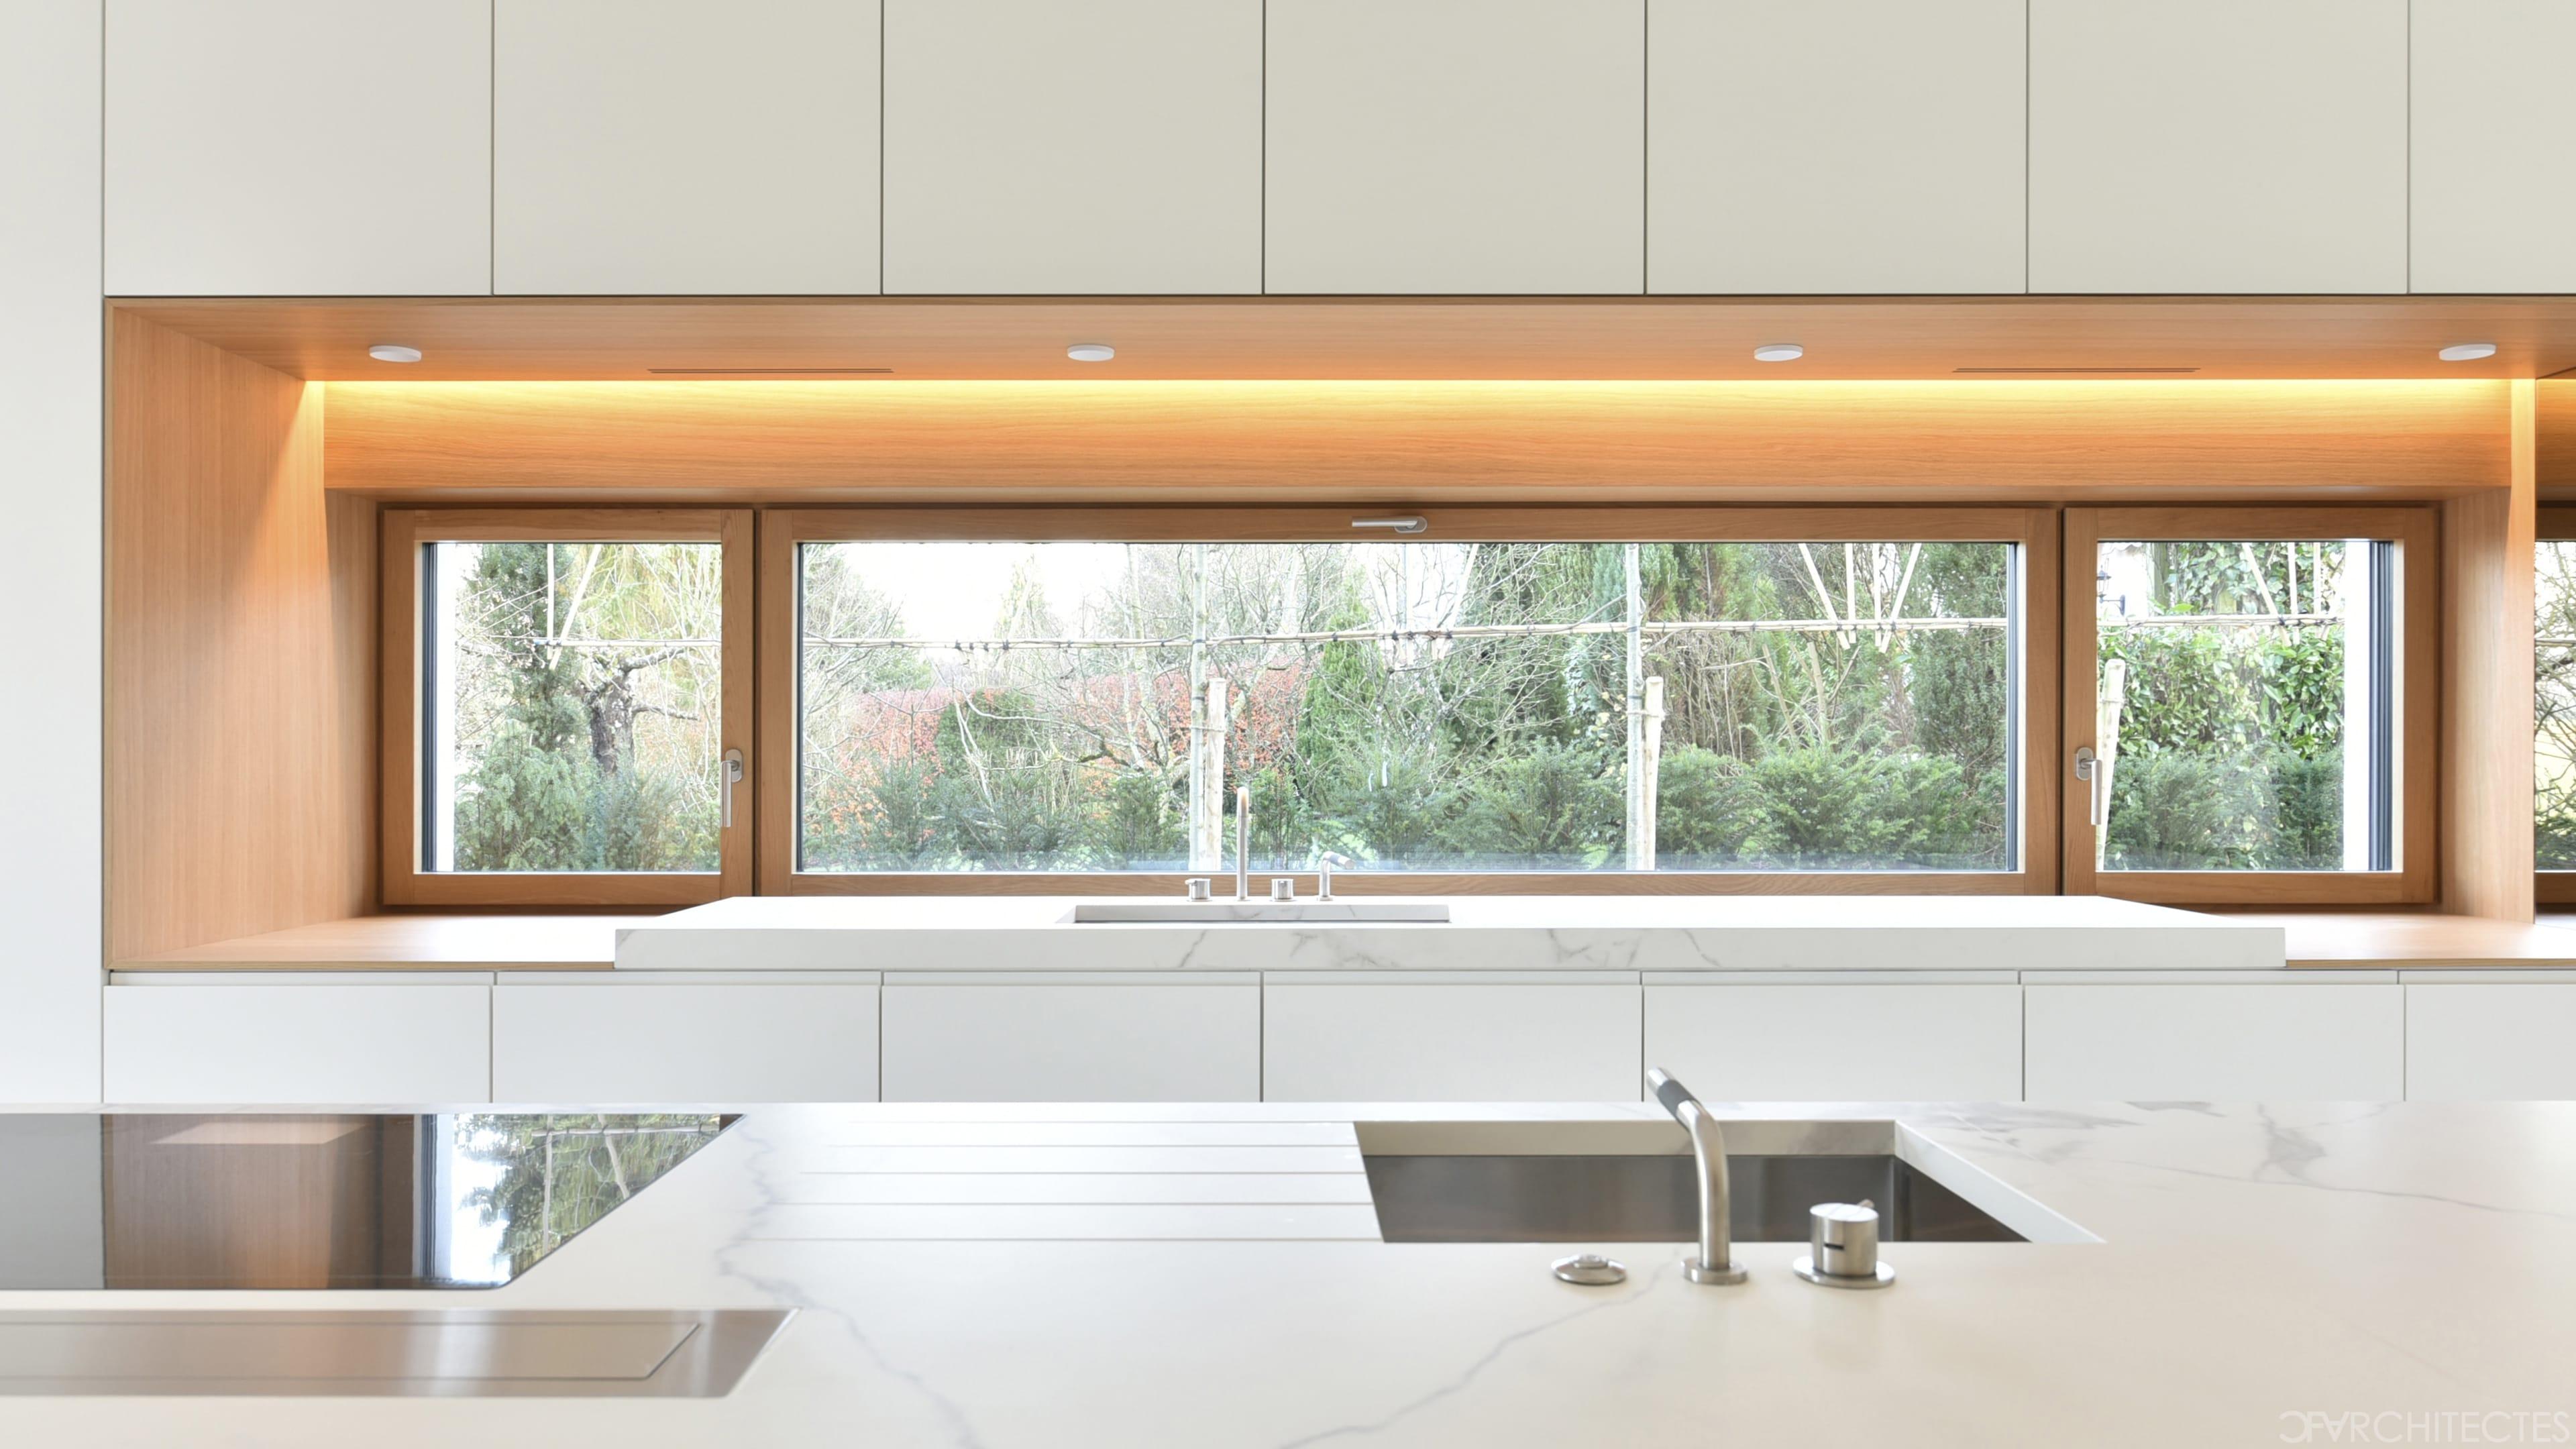 004-bridel-villa-a-luxe-maison-cuisine-marbre-bois-finition ...